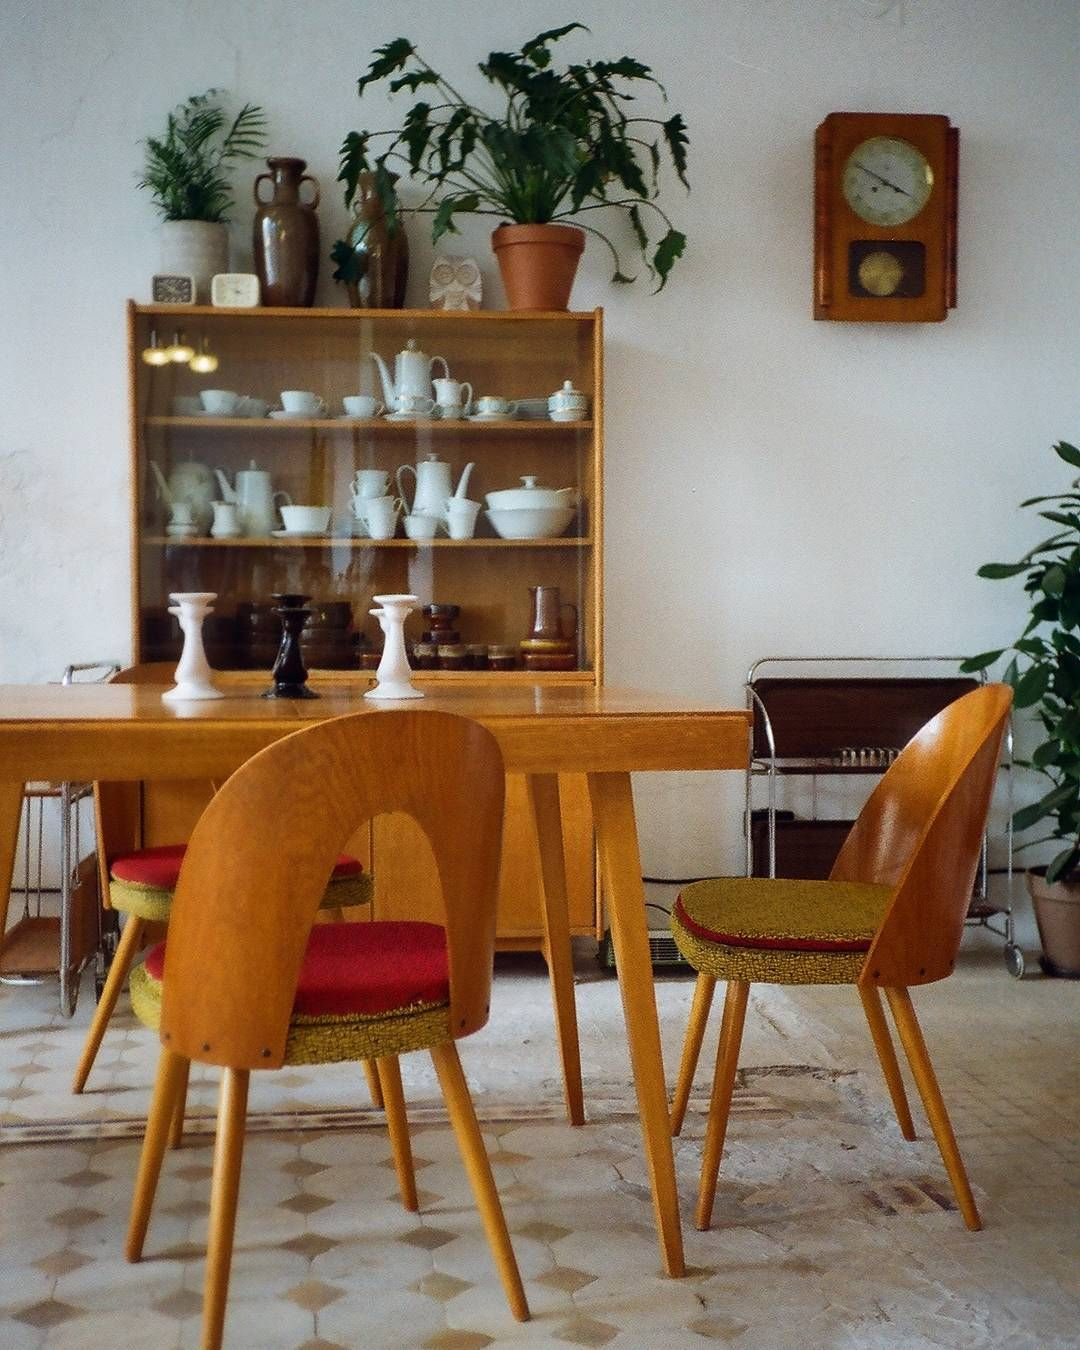 Czekamy Na Was Na Wilenskiej 21 Lookinside Dizajn Design Furniture Wzornictwo Prl Praga Pragapolnoc Wilenska Warszawa Home Decor Dining Table Decor